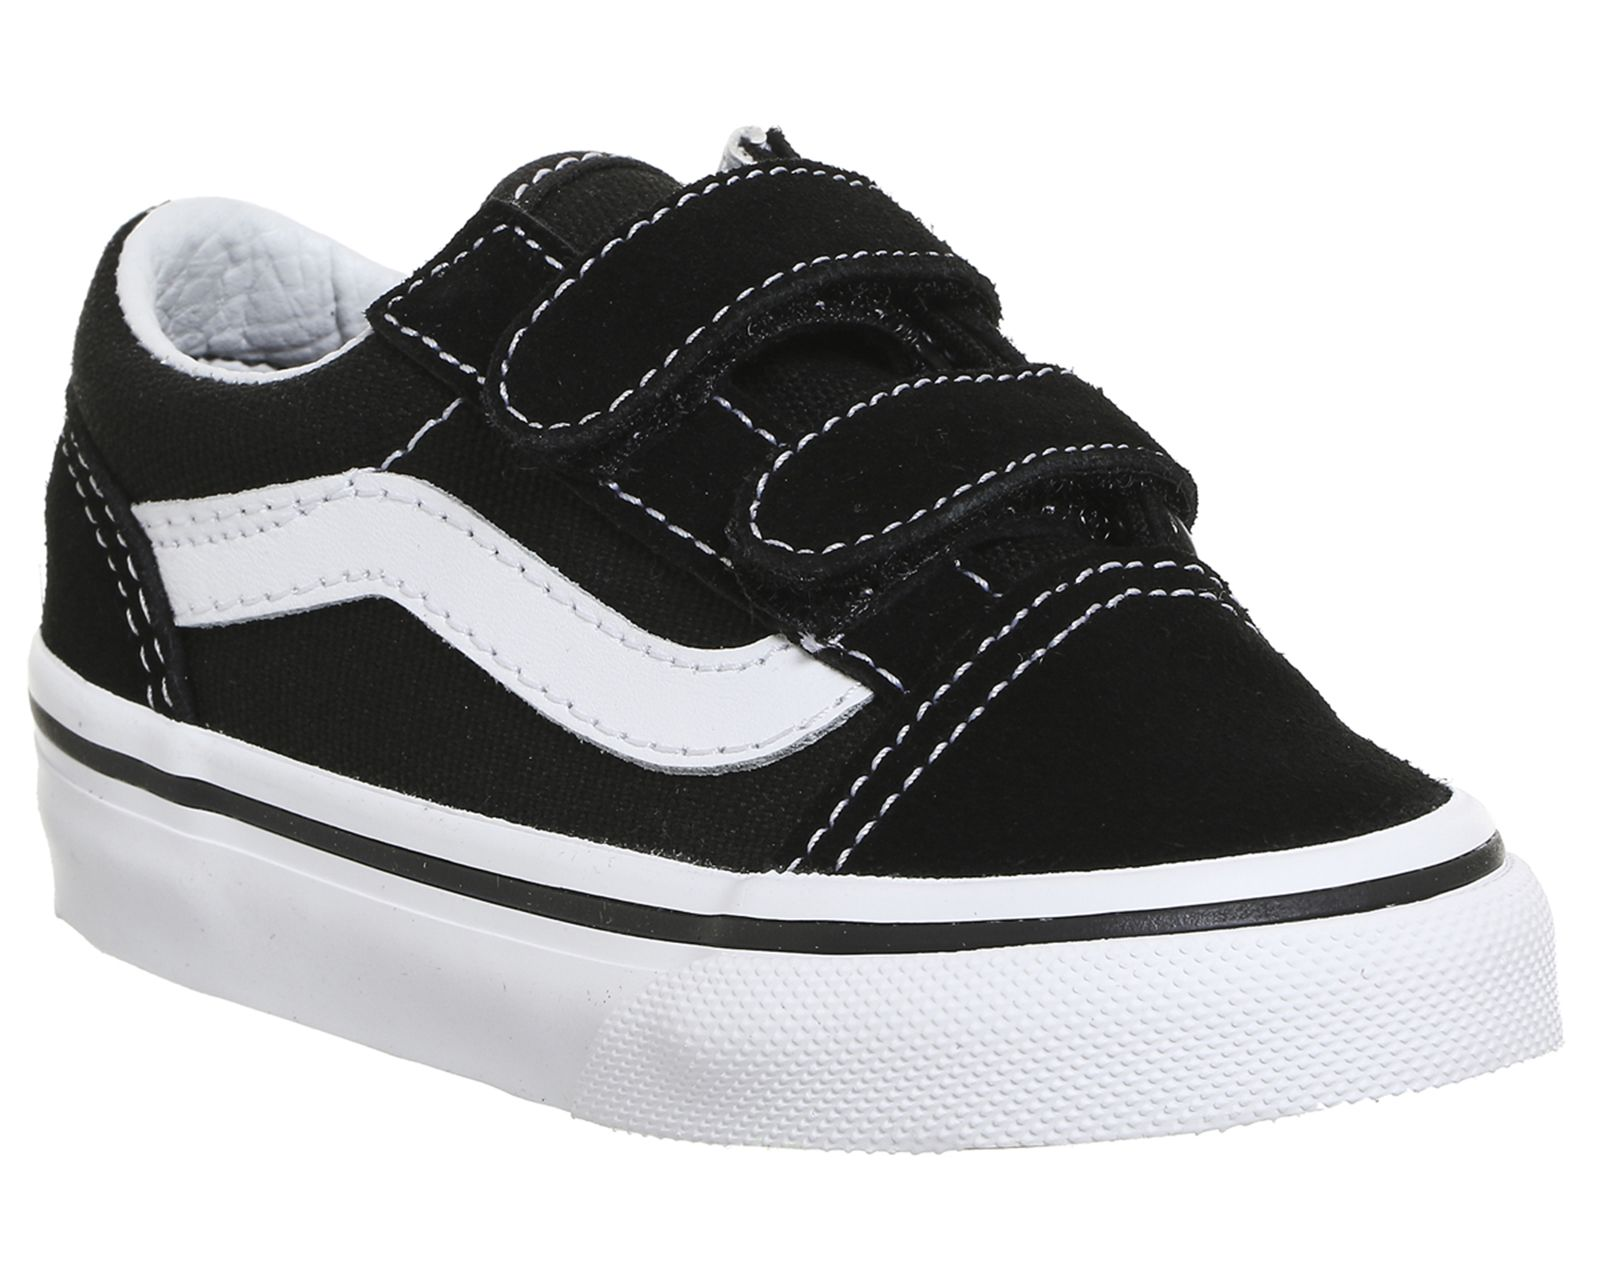 Vans Old Skool Velcro Black True White | Vans old skool, Kid